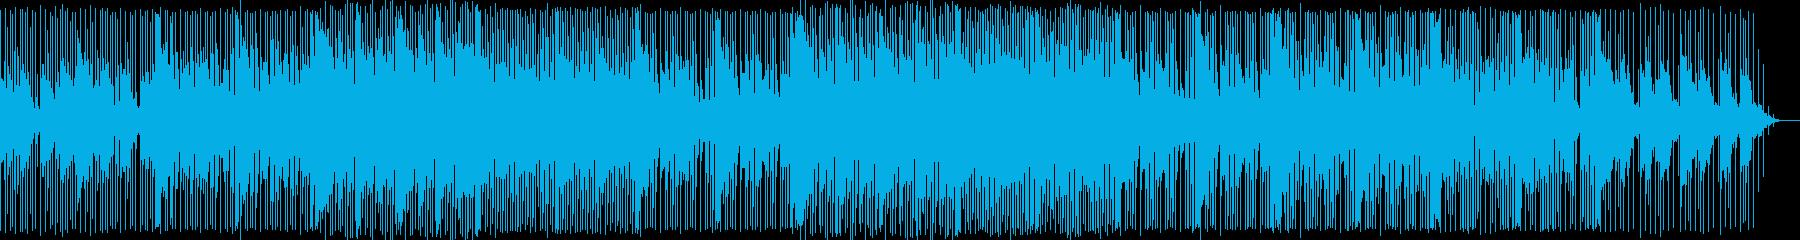 ユーモラスで元気な感じのBGMの再生済みの波形